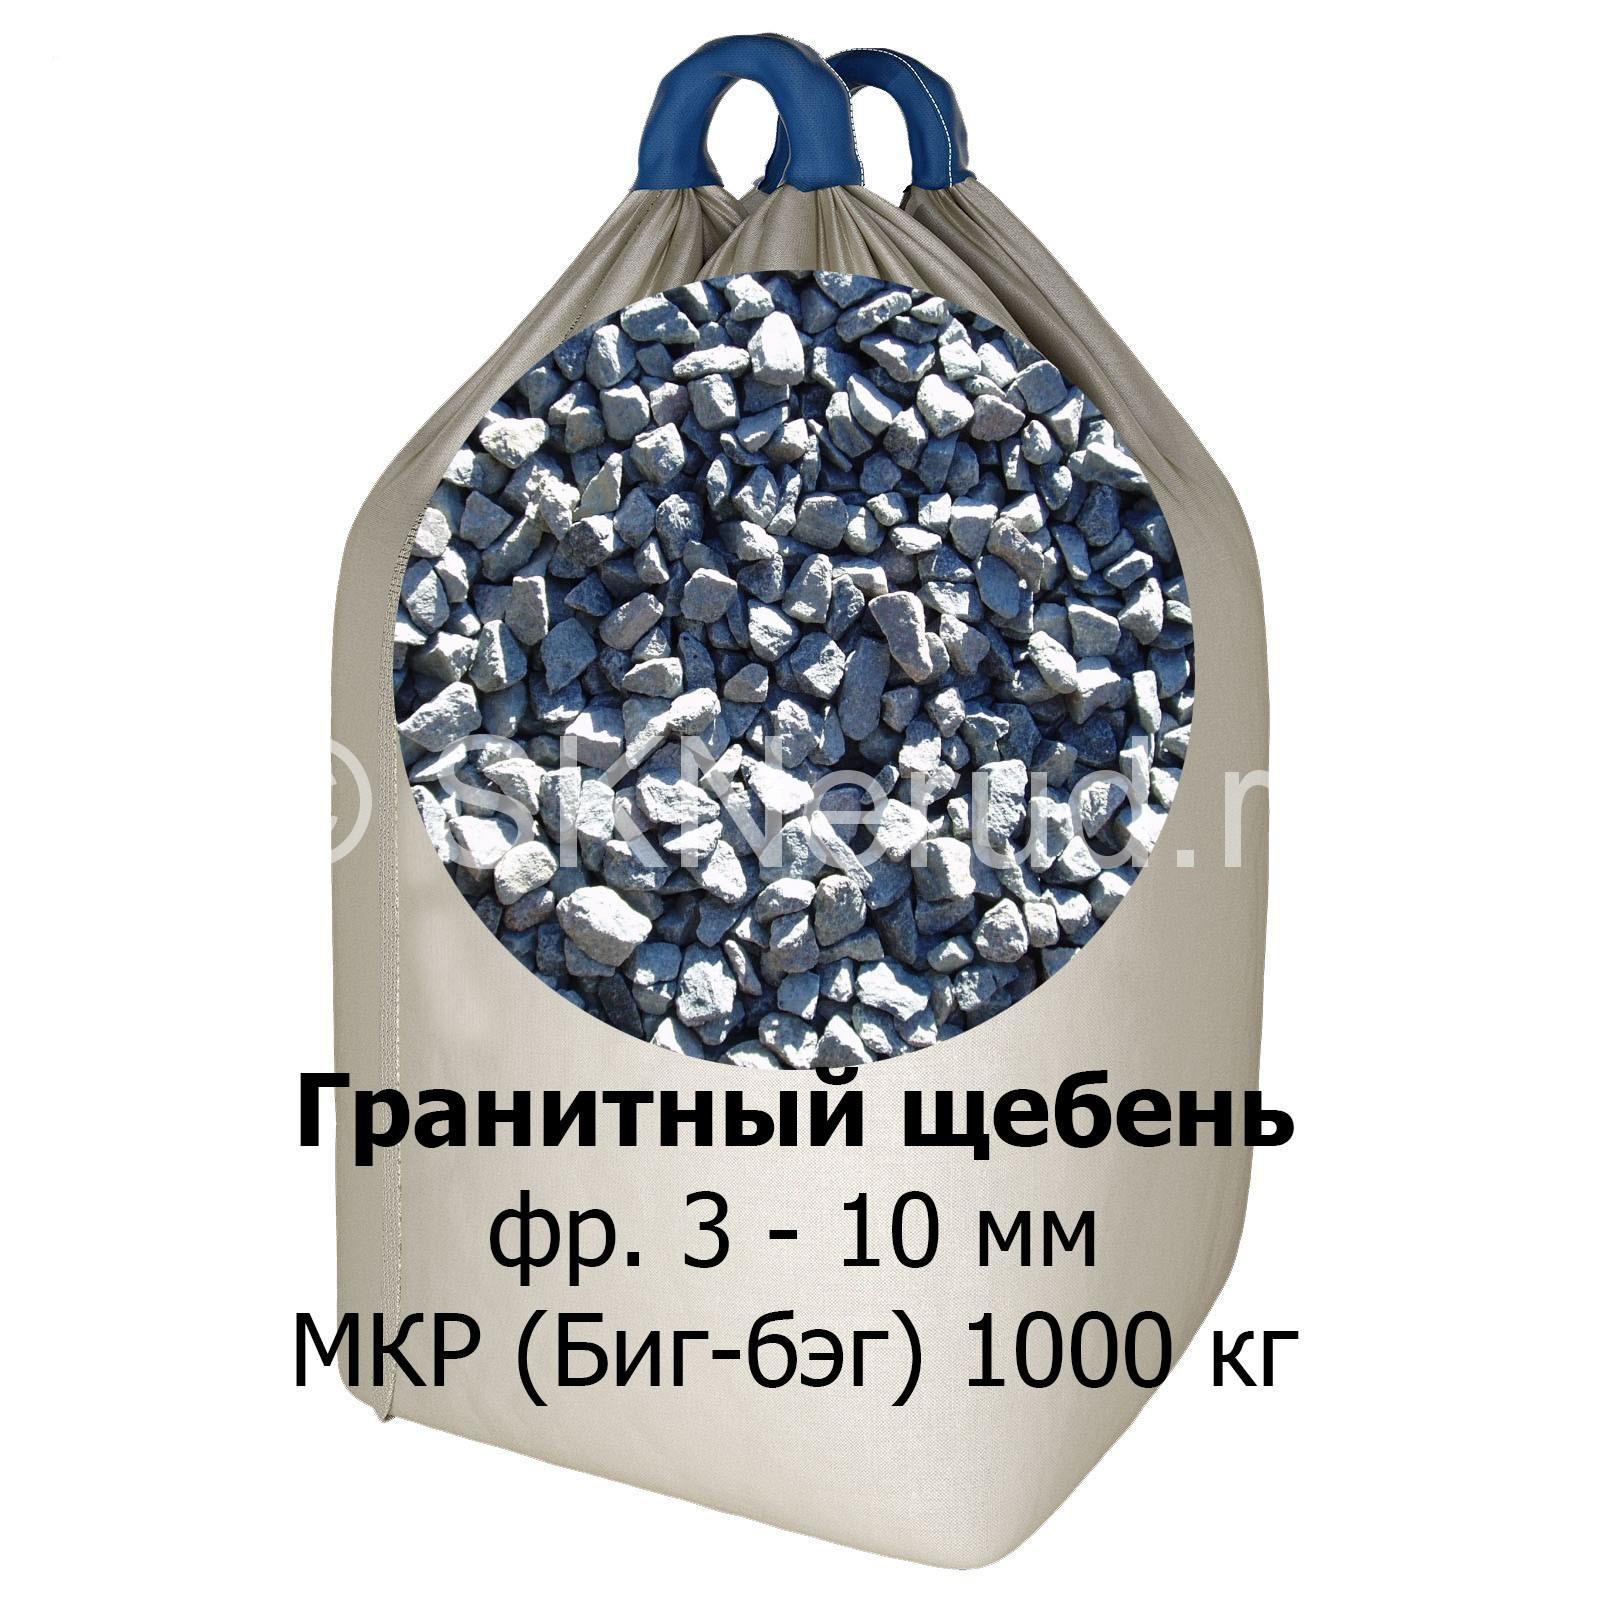 Щебень гранитный 3-10 в МКР (Биг-бег)